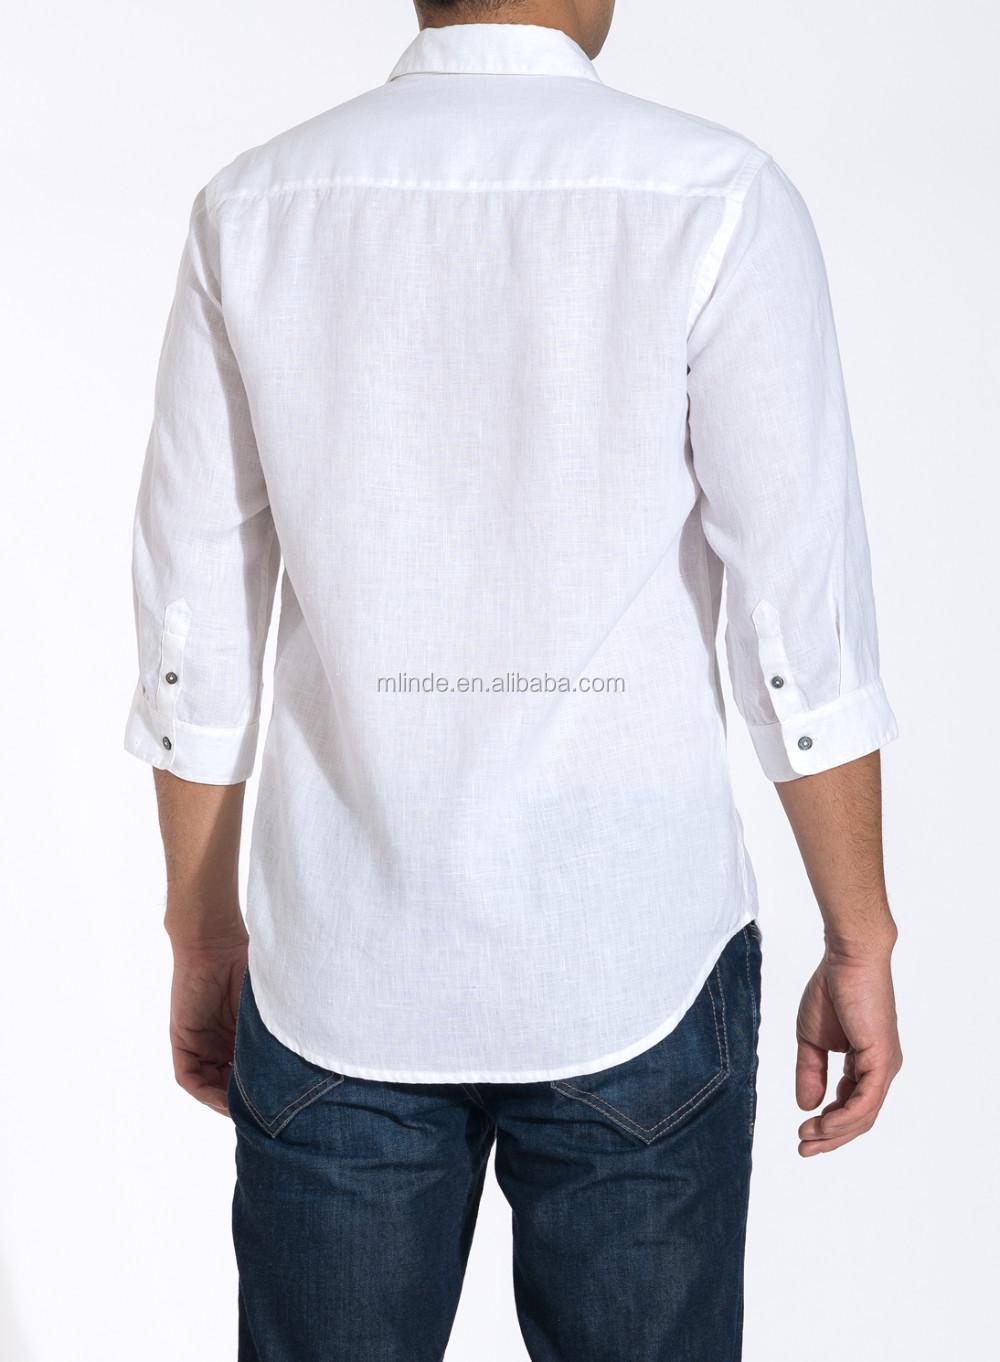 6d8c8965a4 el Último de los hombres camisas de lujo de tres cuartos de manga